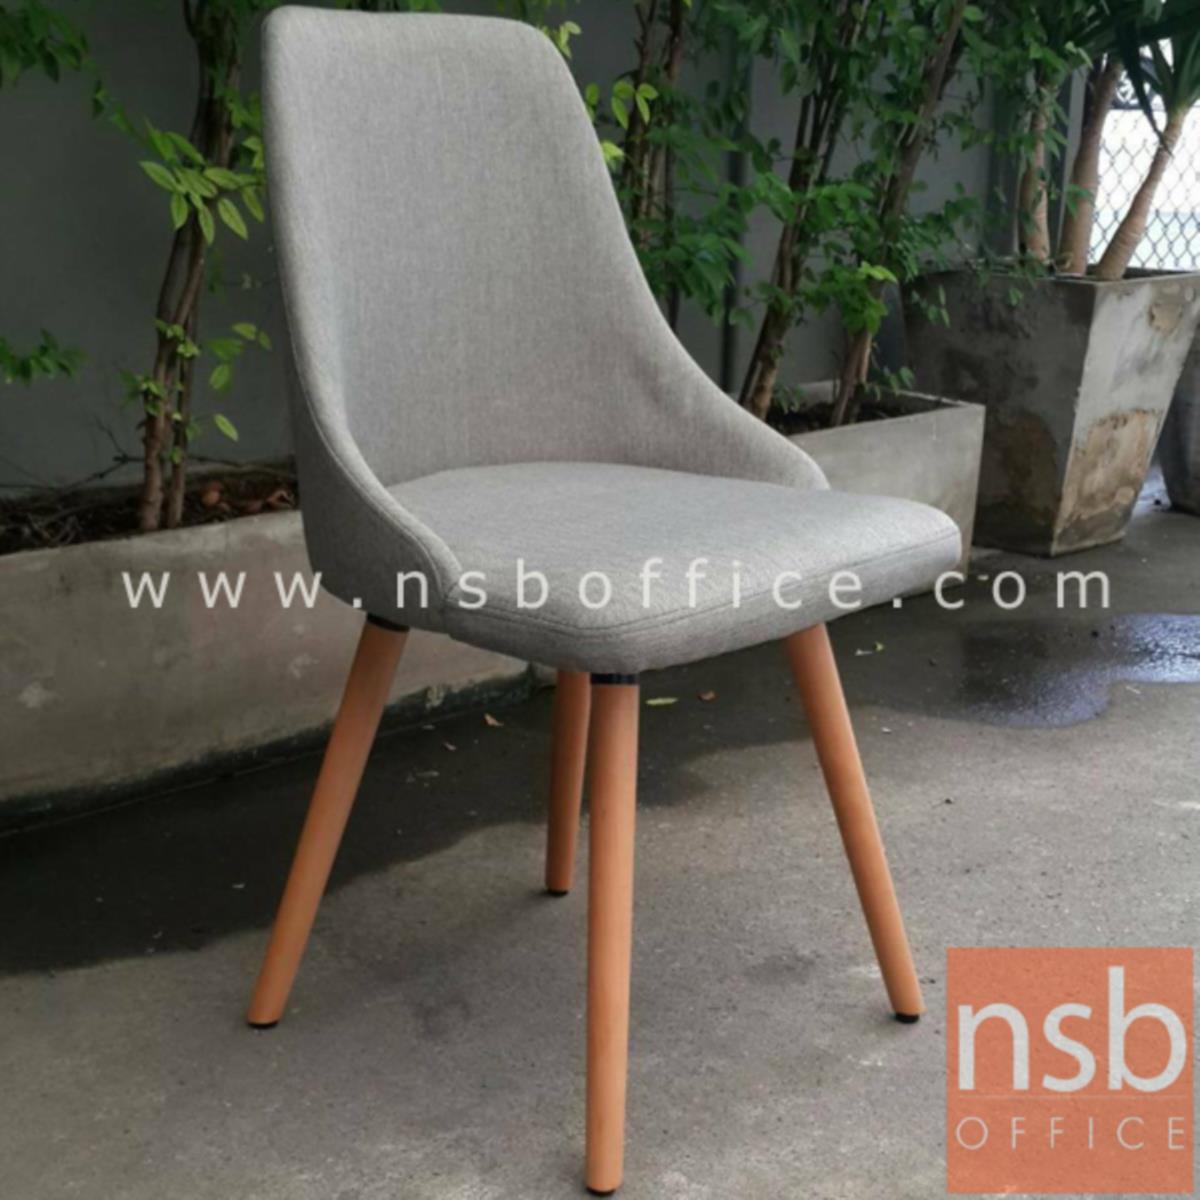 เก้าอี้โมเดิร์นหุ้มผ้า รุ่น Perlette (เพอเลต) ขนาด 48W cm. โครงขาไม้